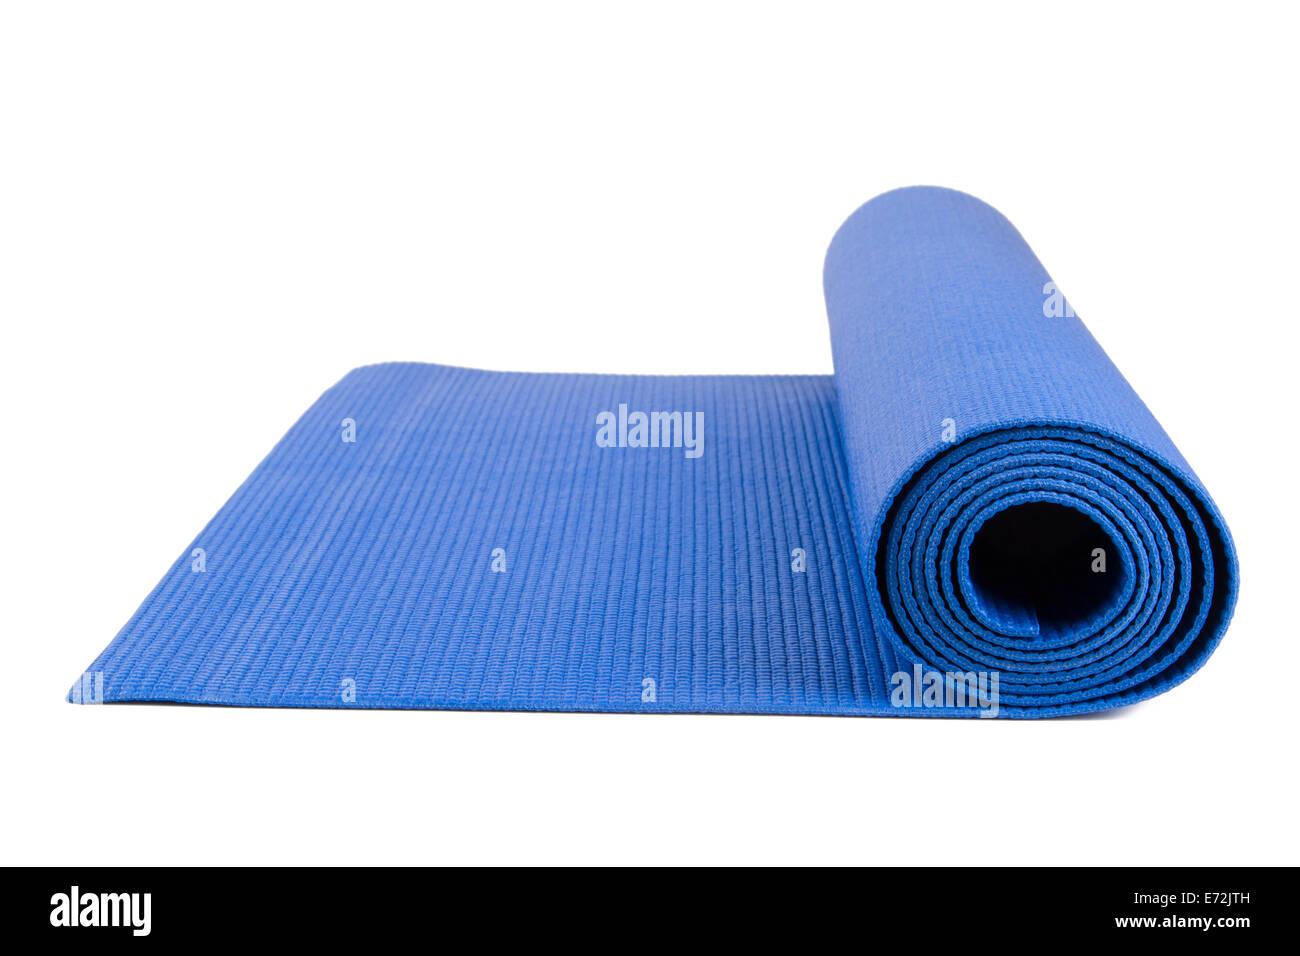 Nahaufnahme des blauen offenen Yoga-Matte Übung isoliert auf weißem Hintergrund. Stockbild